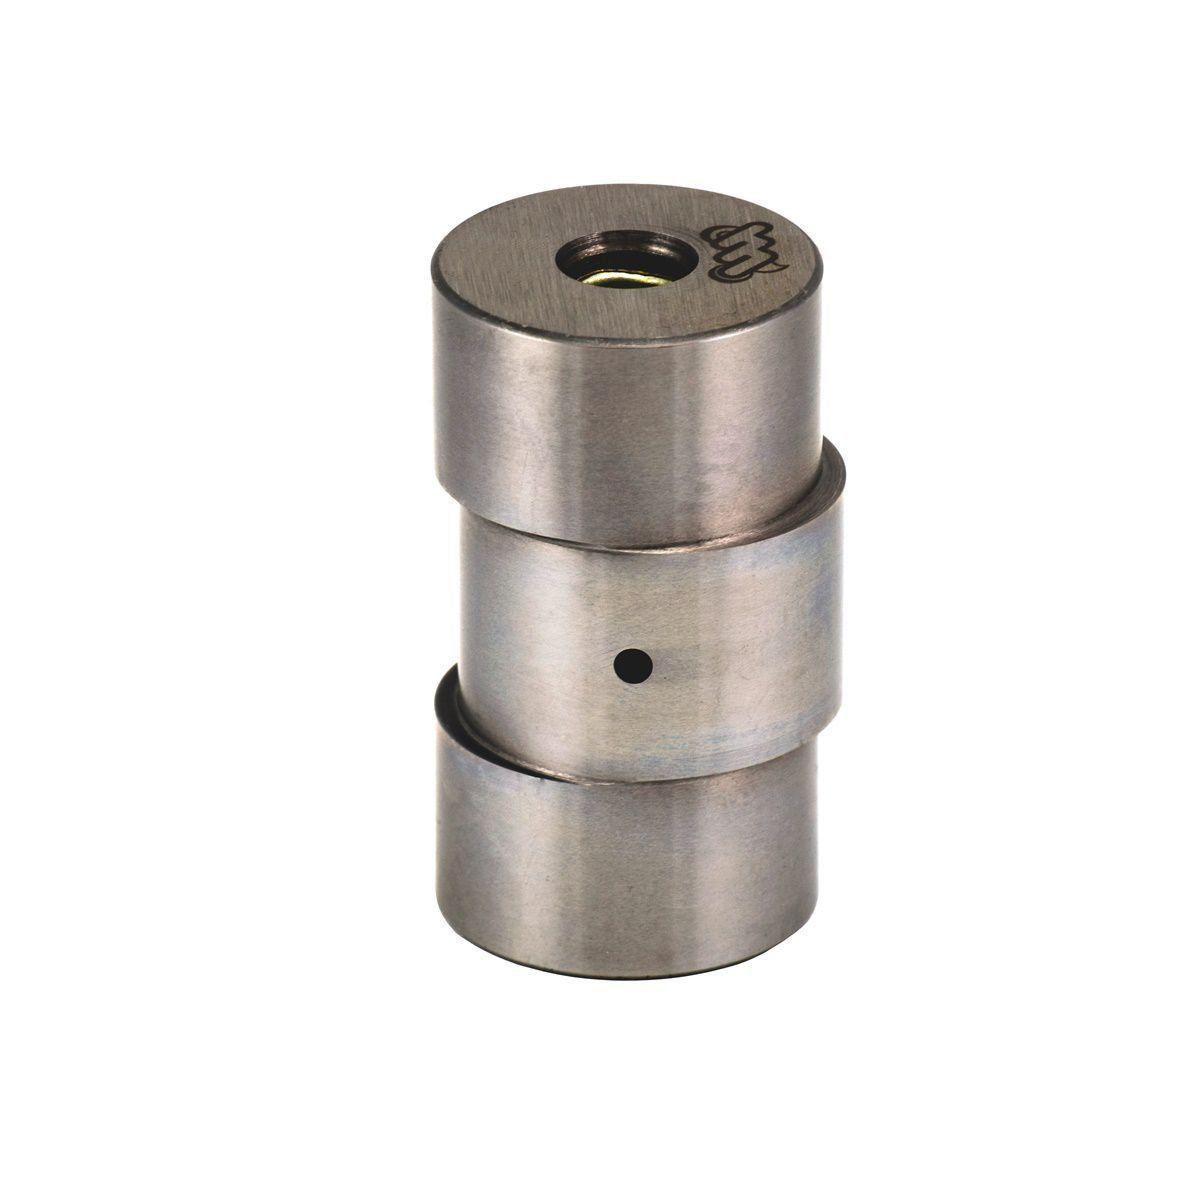 Pino Cursado Master Cia 2mm Cg Titan 150 Cg 160 Nxr Bros 150 160 Fazer Factor 150